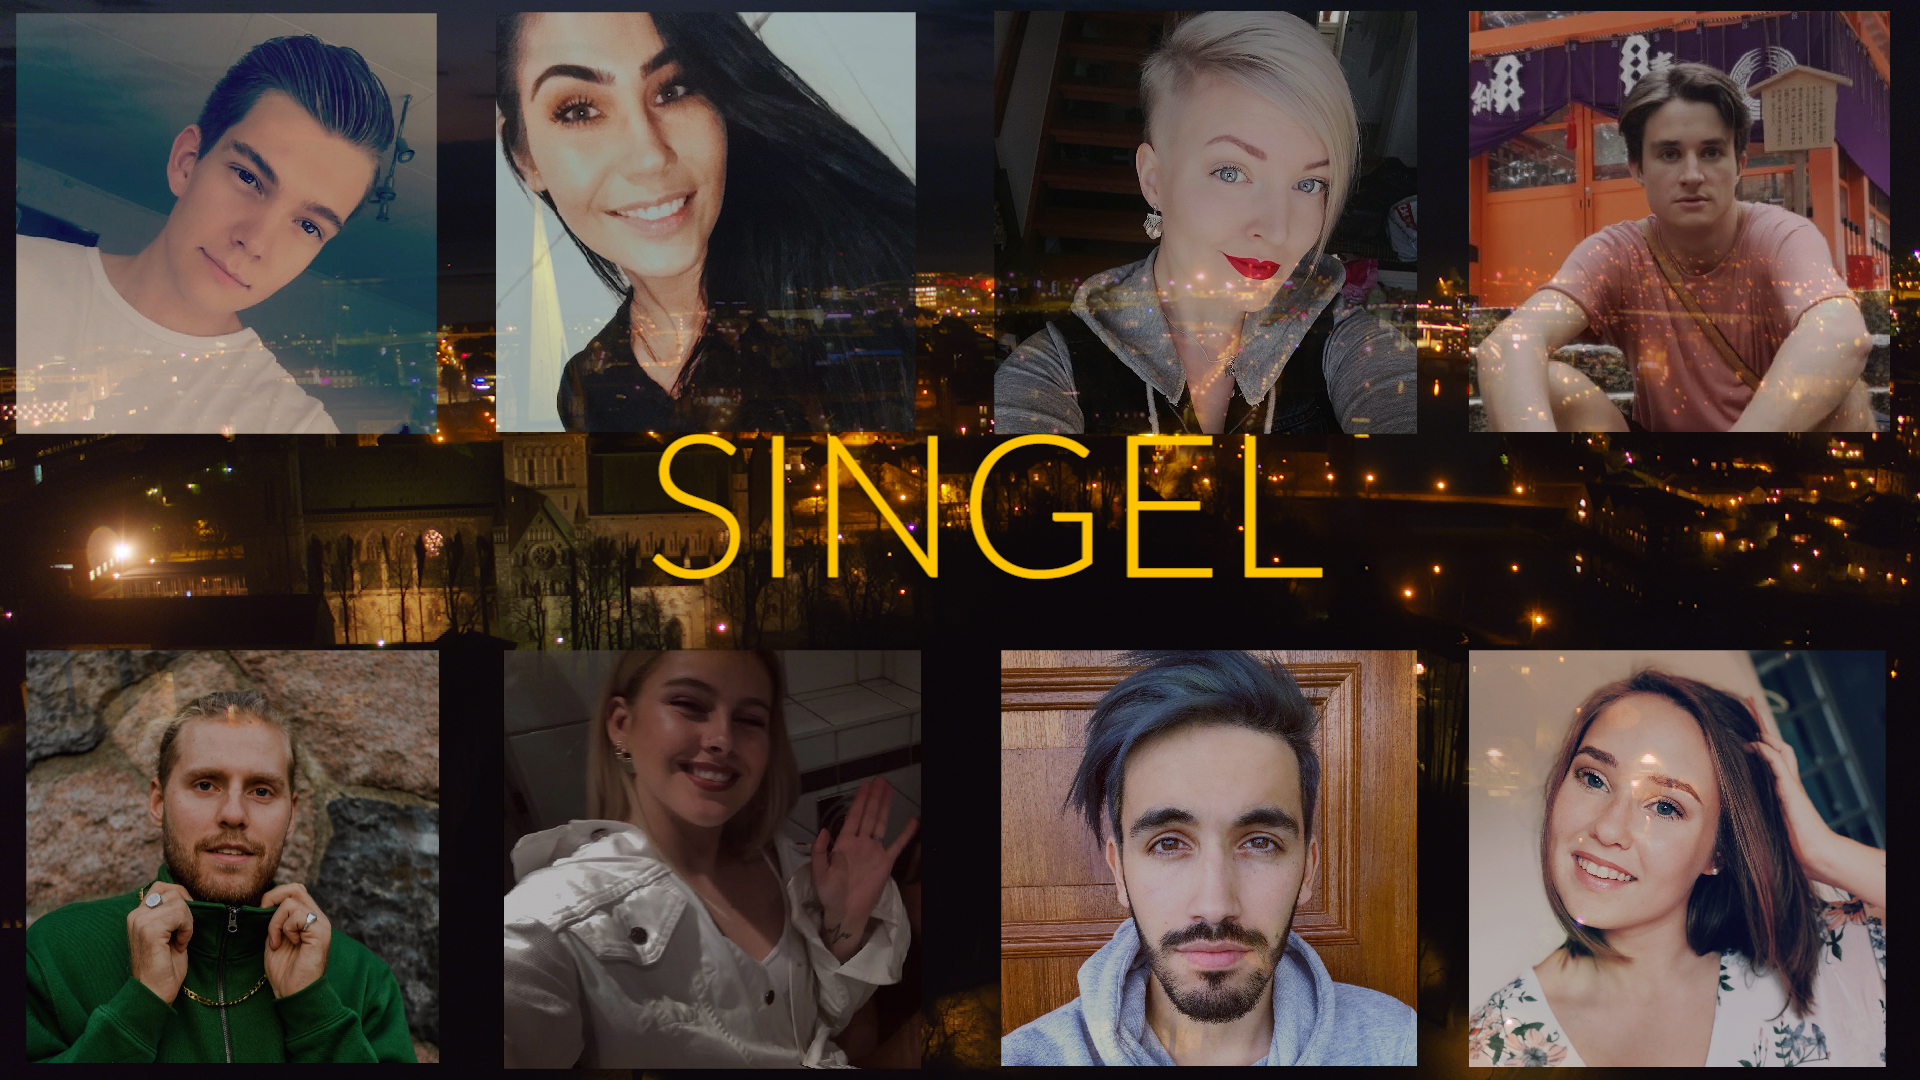 aktiviteter for single i oslo kristiansand